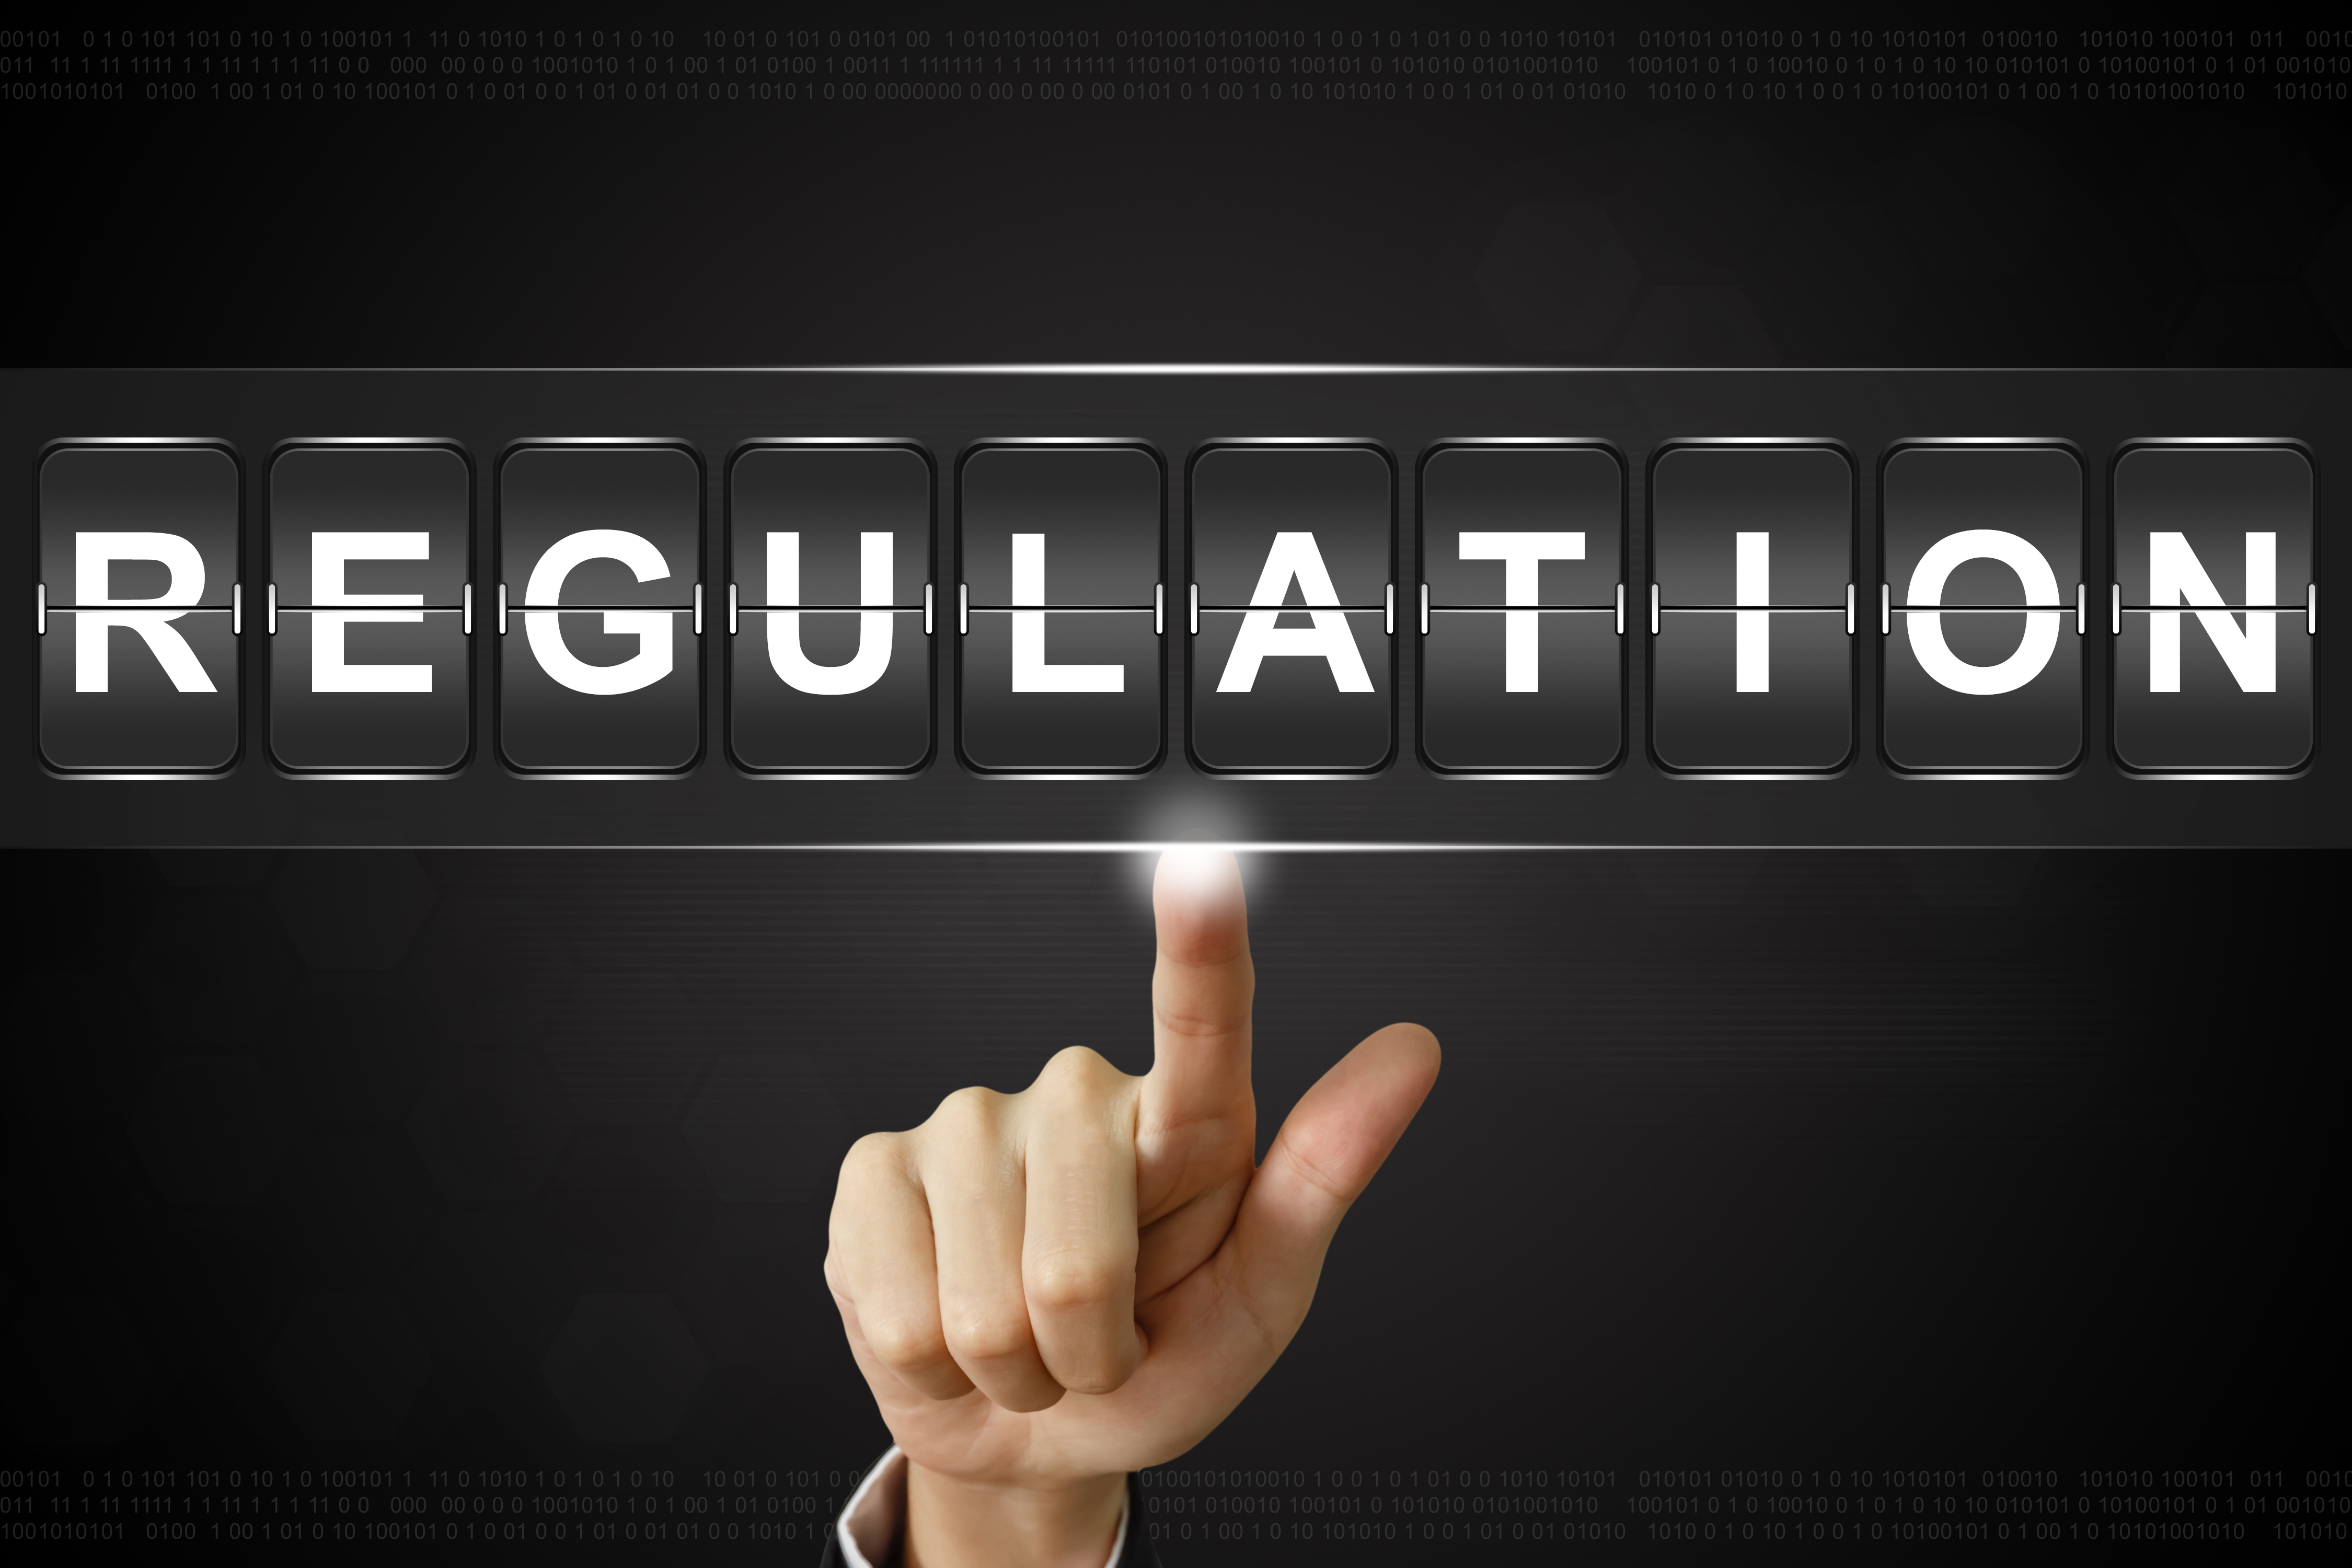 Regulation Schriftzug mit Hand